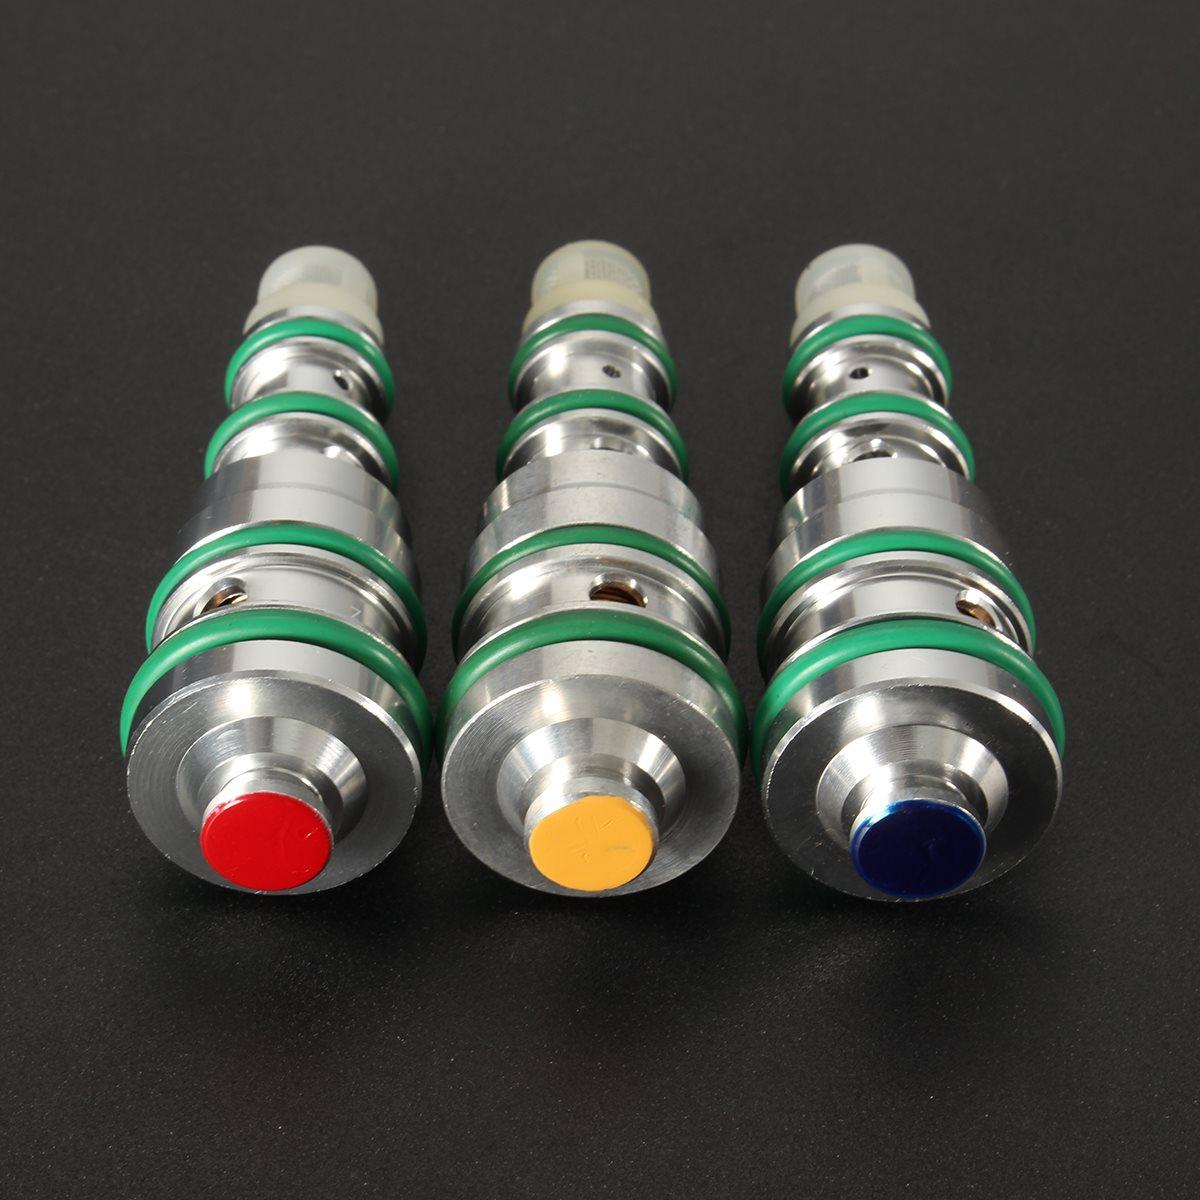 44Psi 42Psi 40Psi Elektromagnetische Ventil Regelventil Für Buick VW Volkswagen Opel DAEWOO Peugeot V5 Kompressor R12 oder R134a